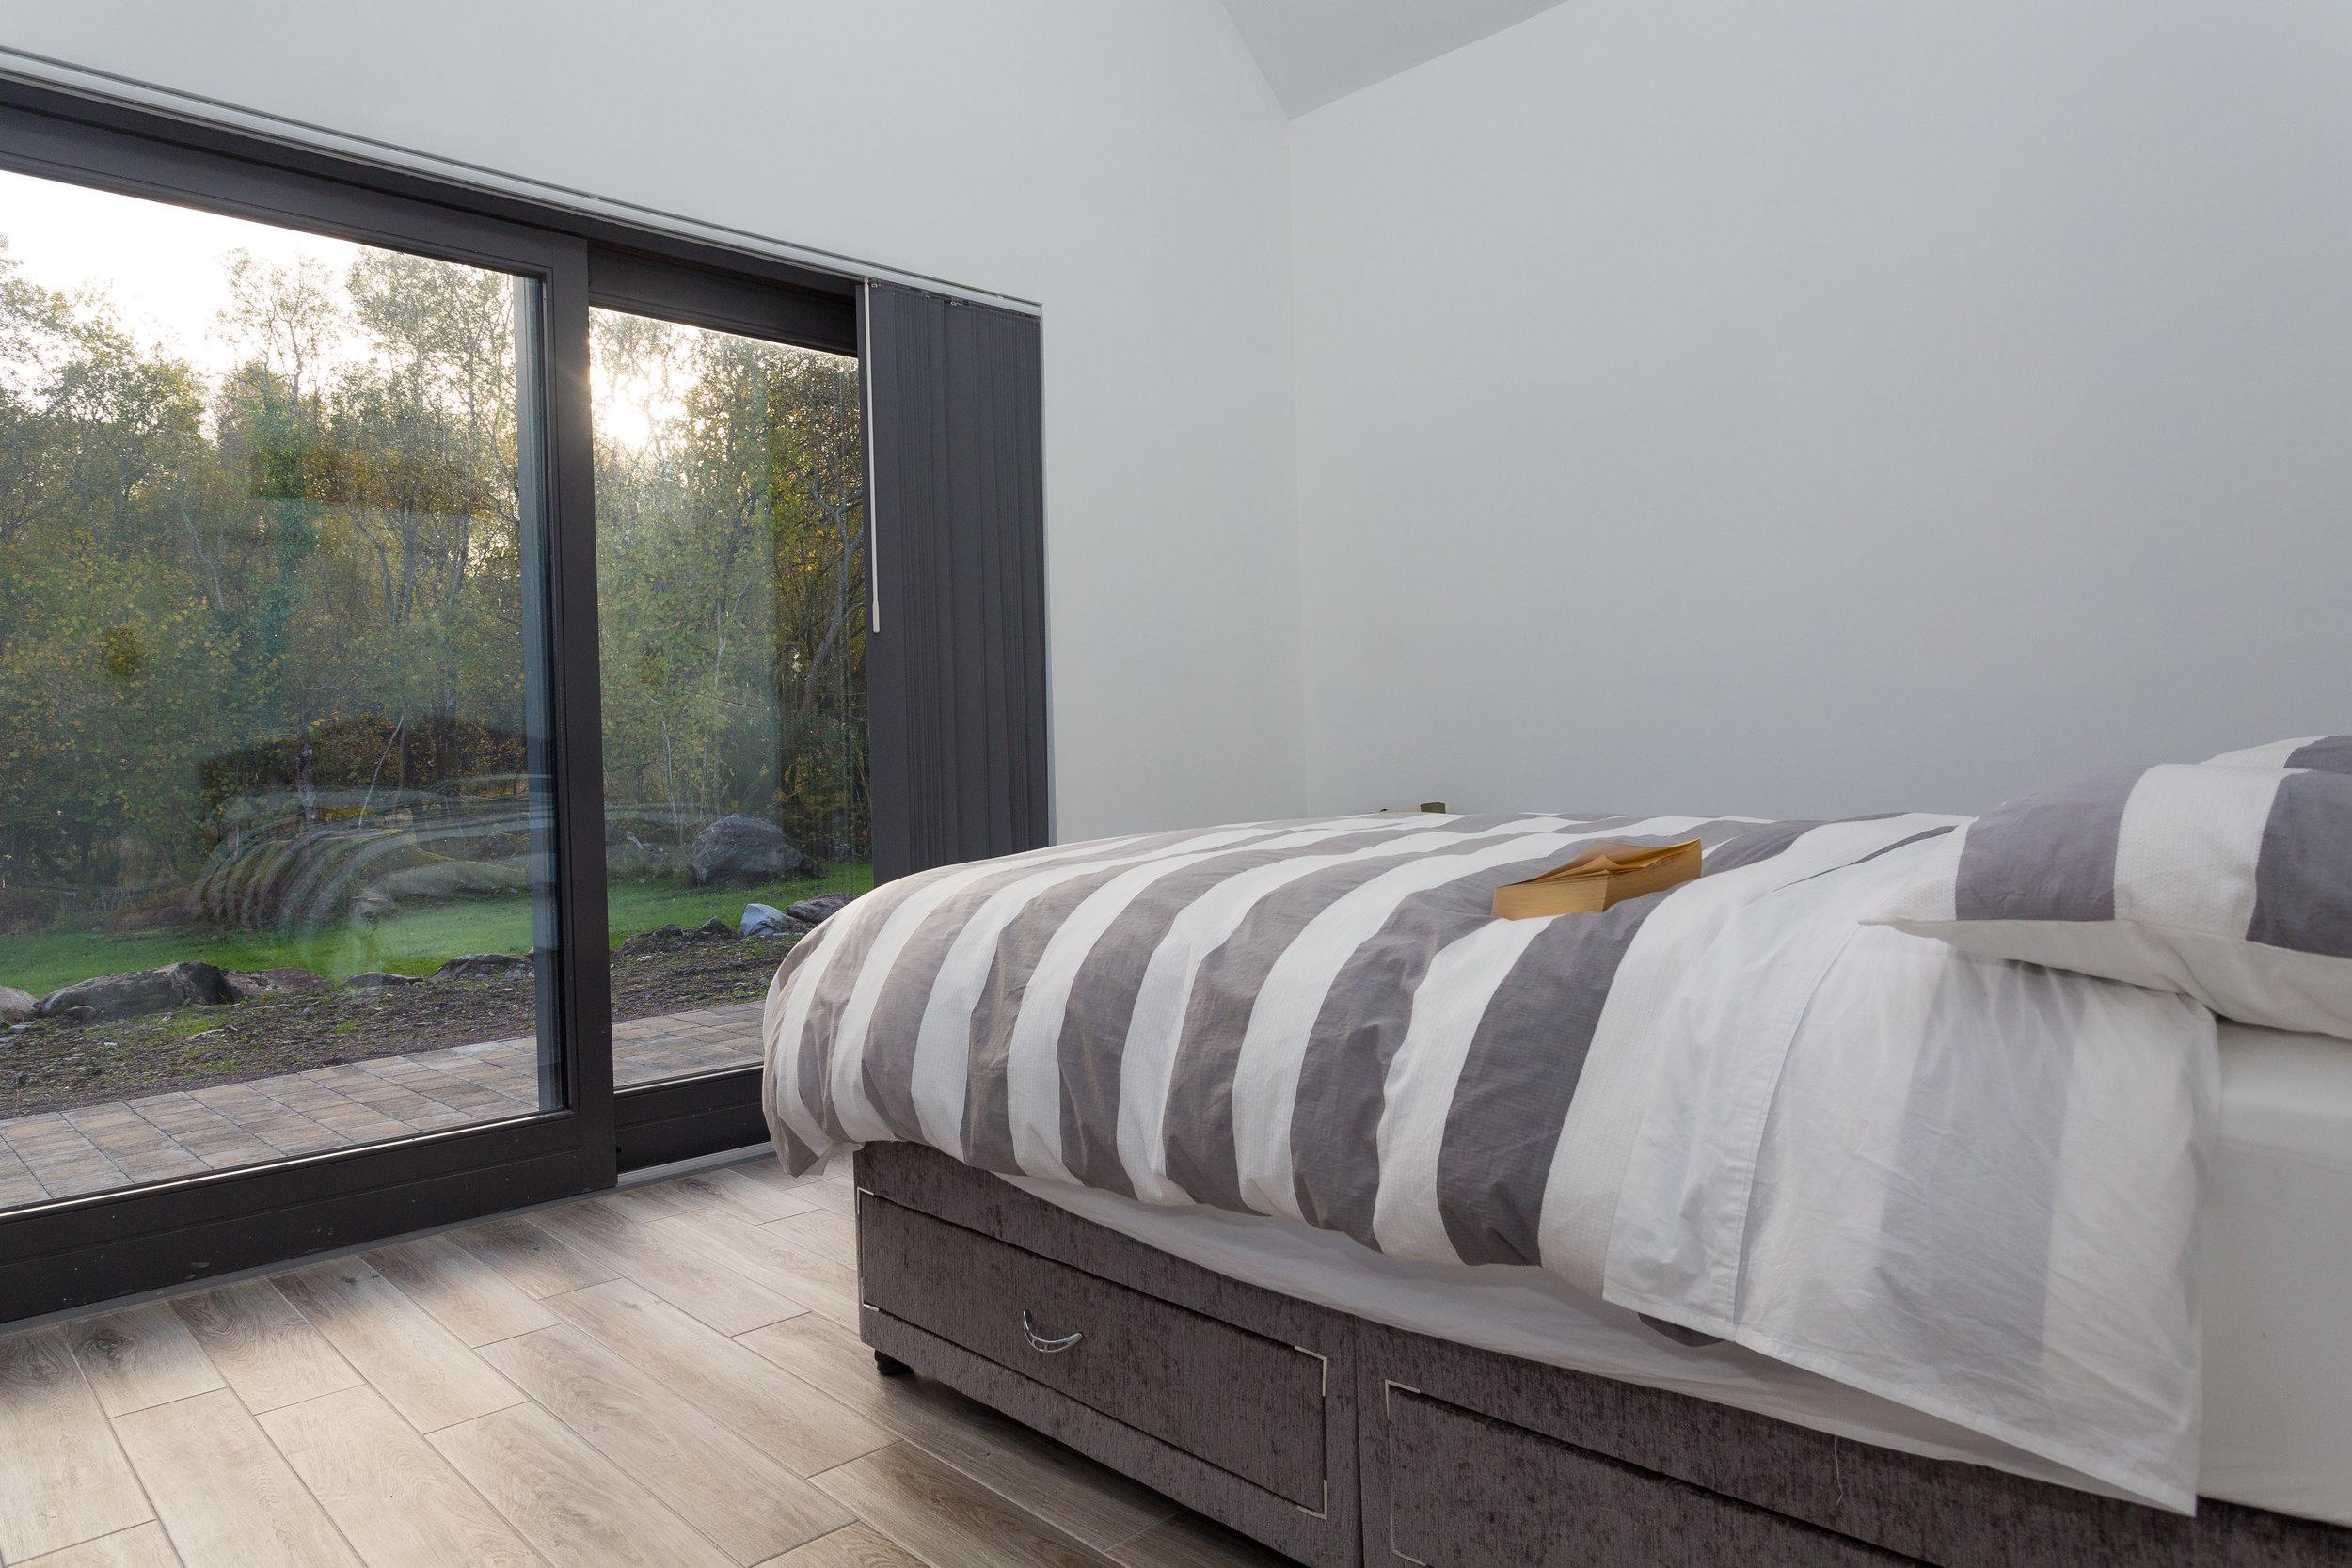 bedroomb3.jpg